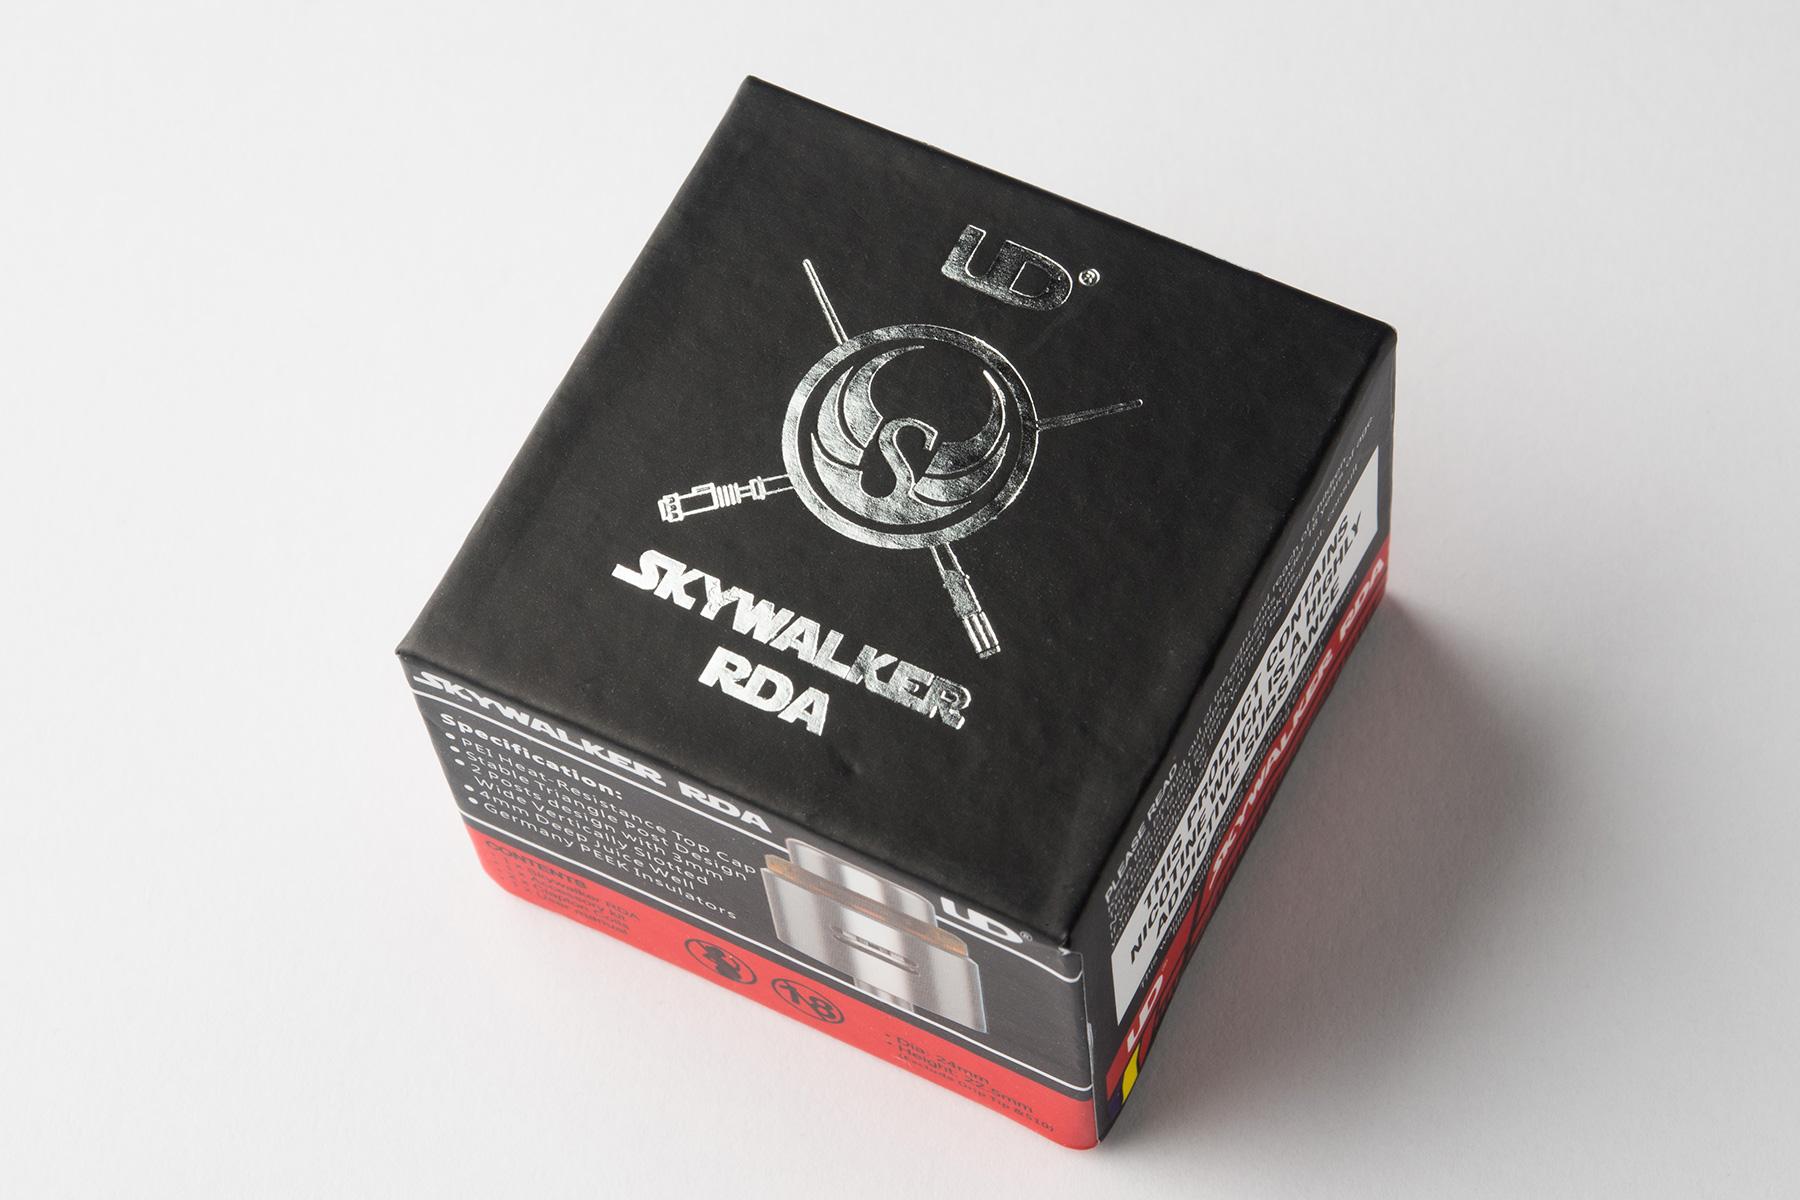 【アトマイザー】Skywalker RDA「スカイウォーカーRDA」 (UD) レビュー